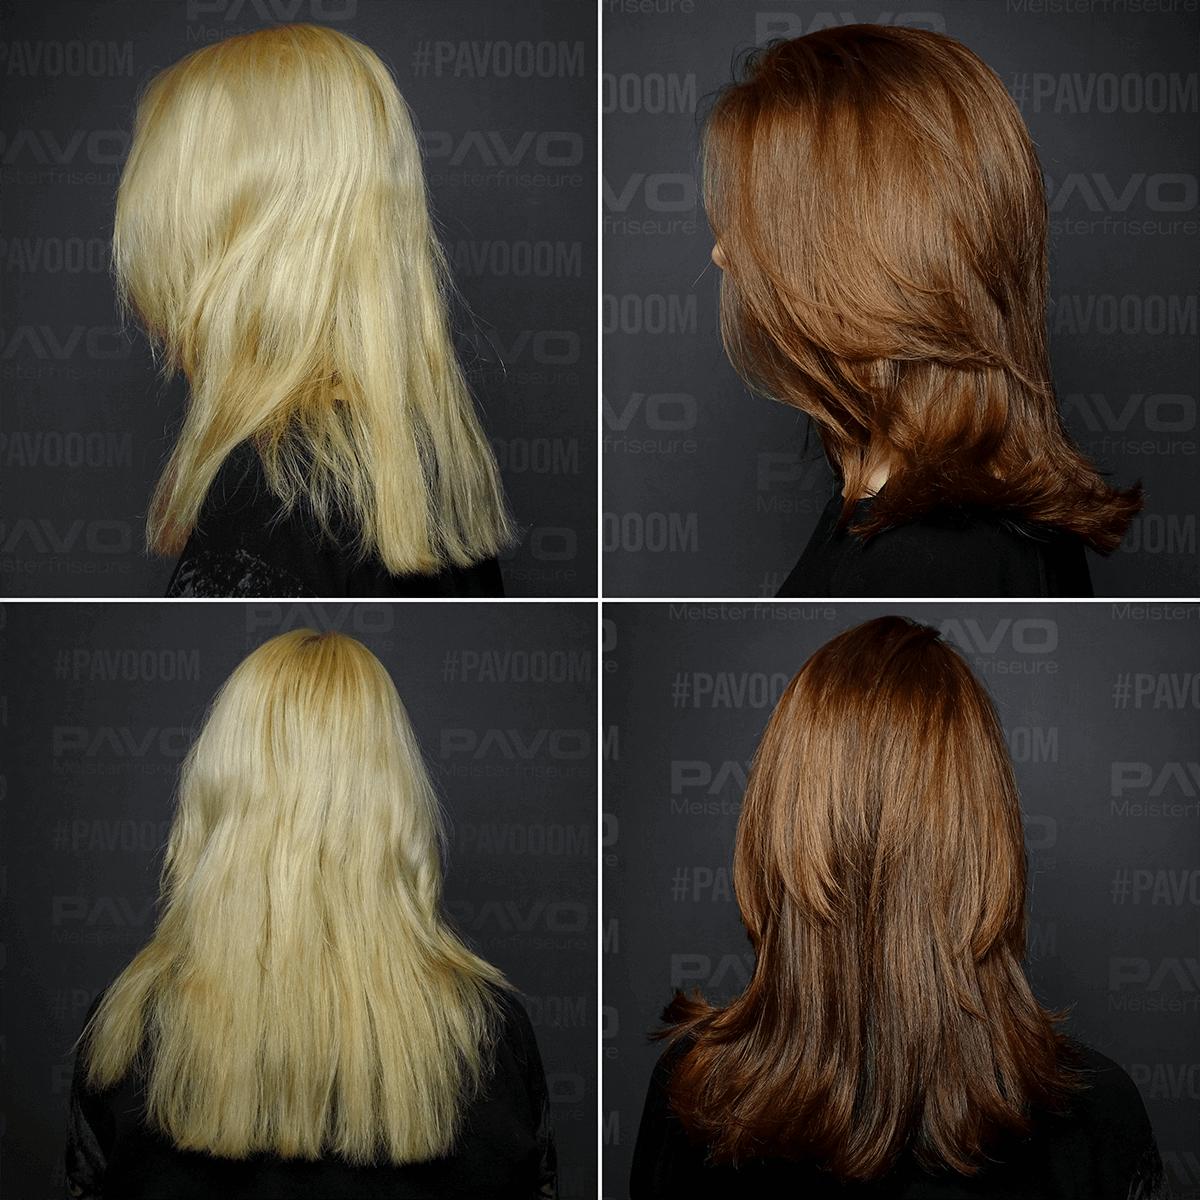 Frisuren Für Kaputte Haare Yskgjtcom